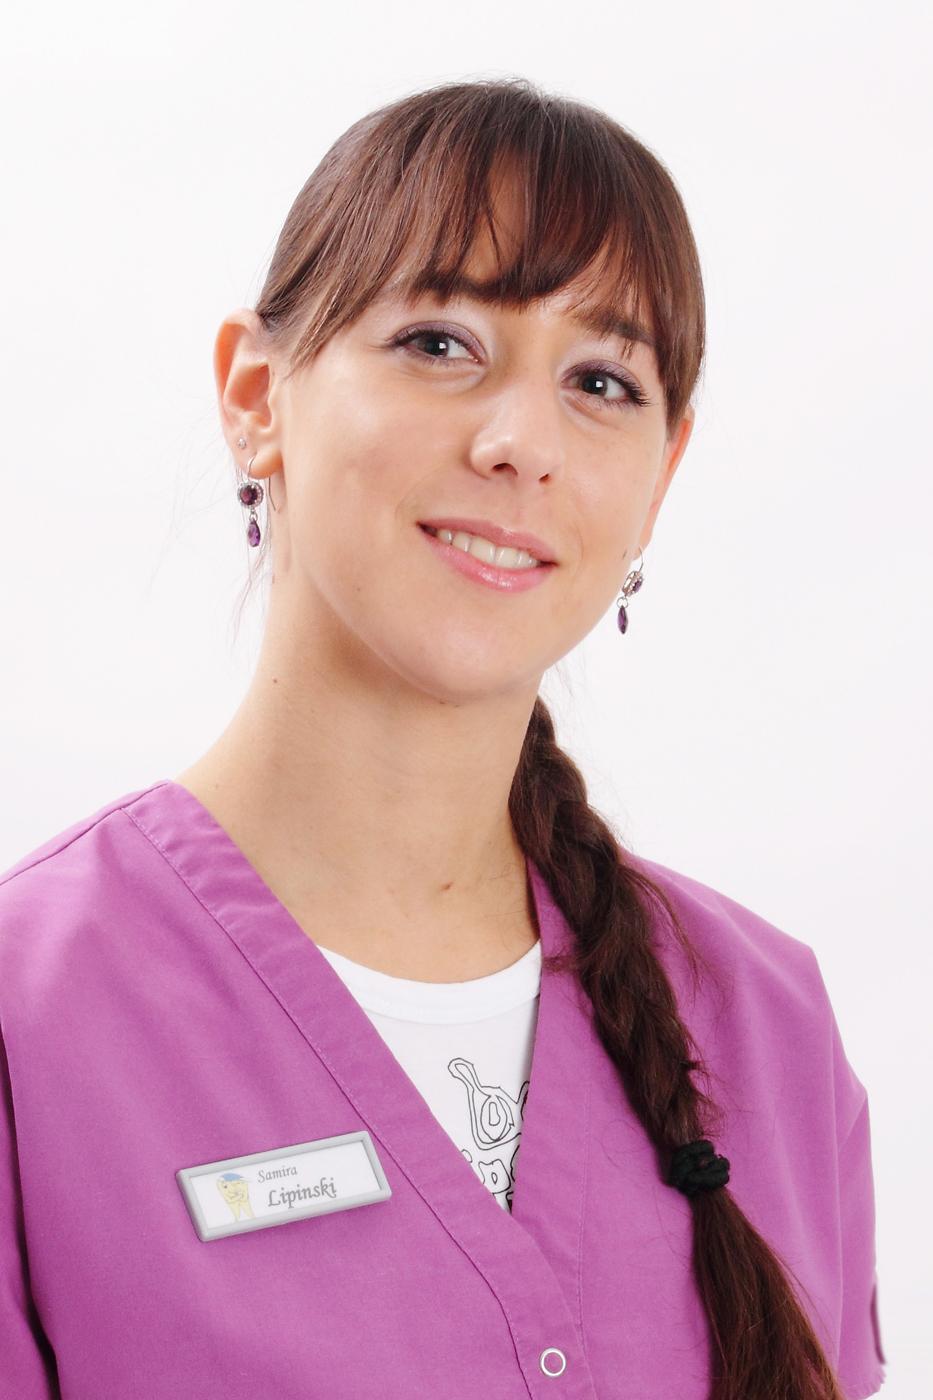 Zahnmedizinische Verwaltungsassistentin Samira Lipinski